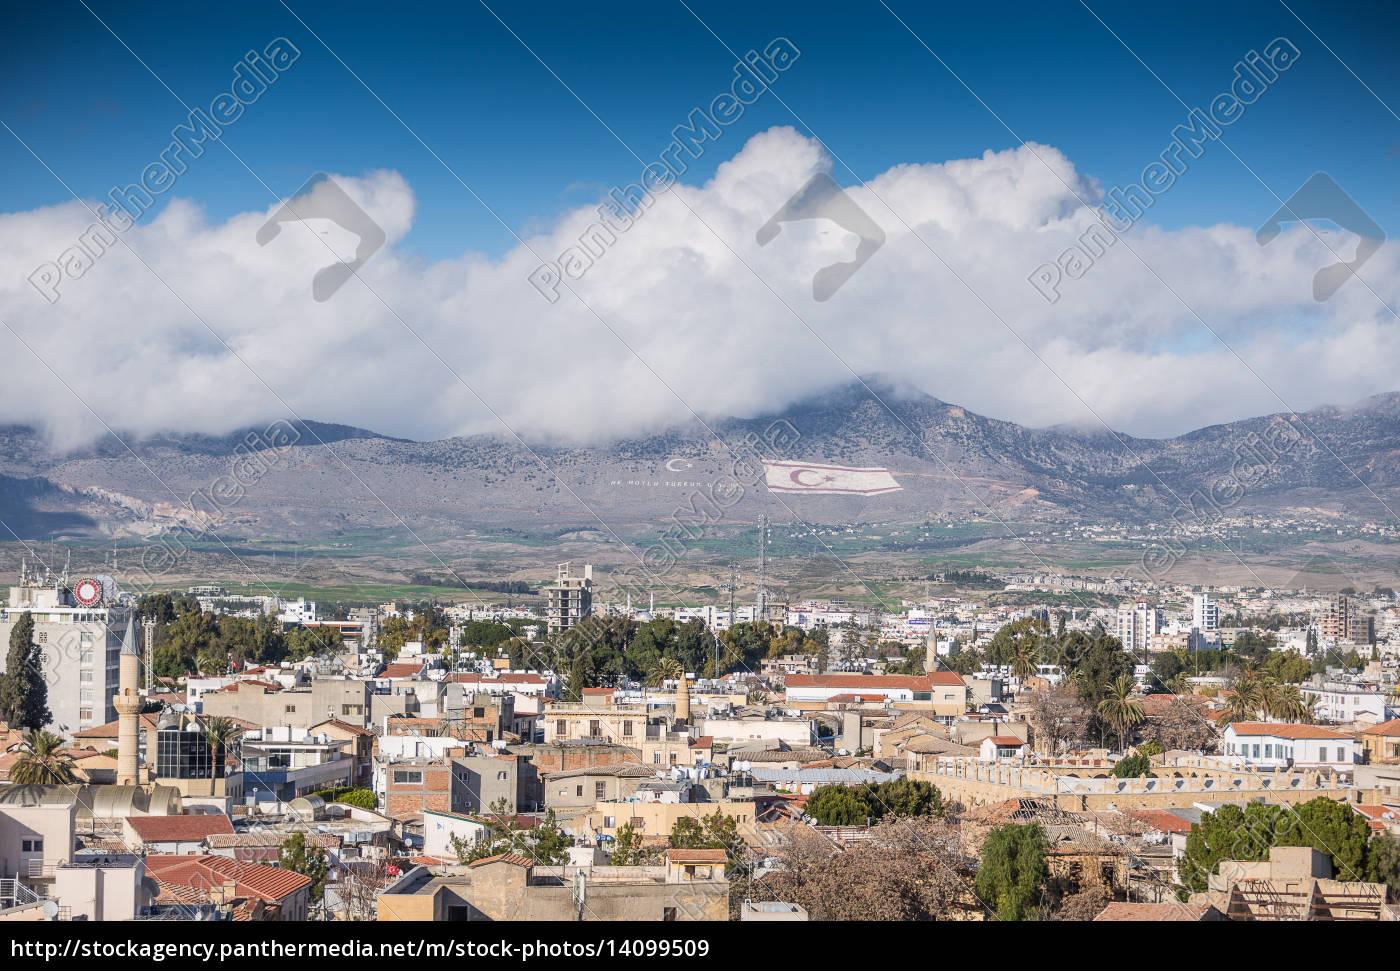 nicosia, city, view - 14099509